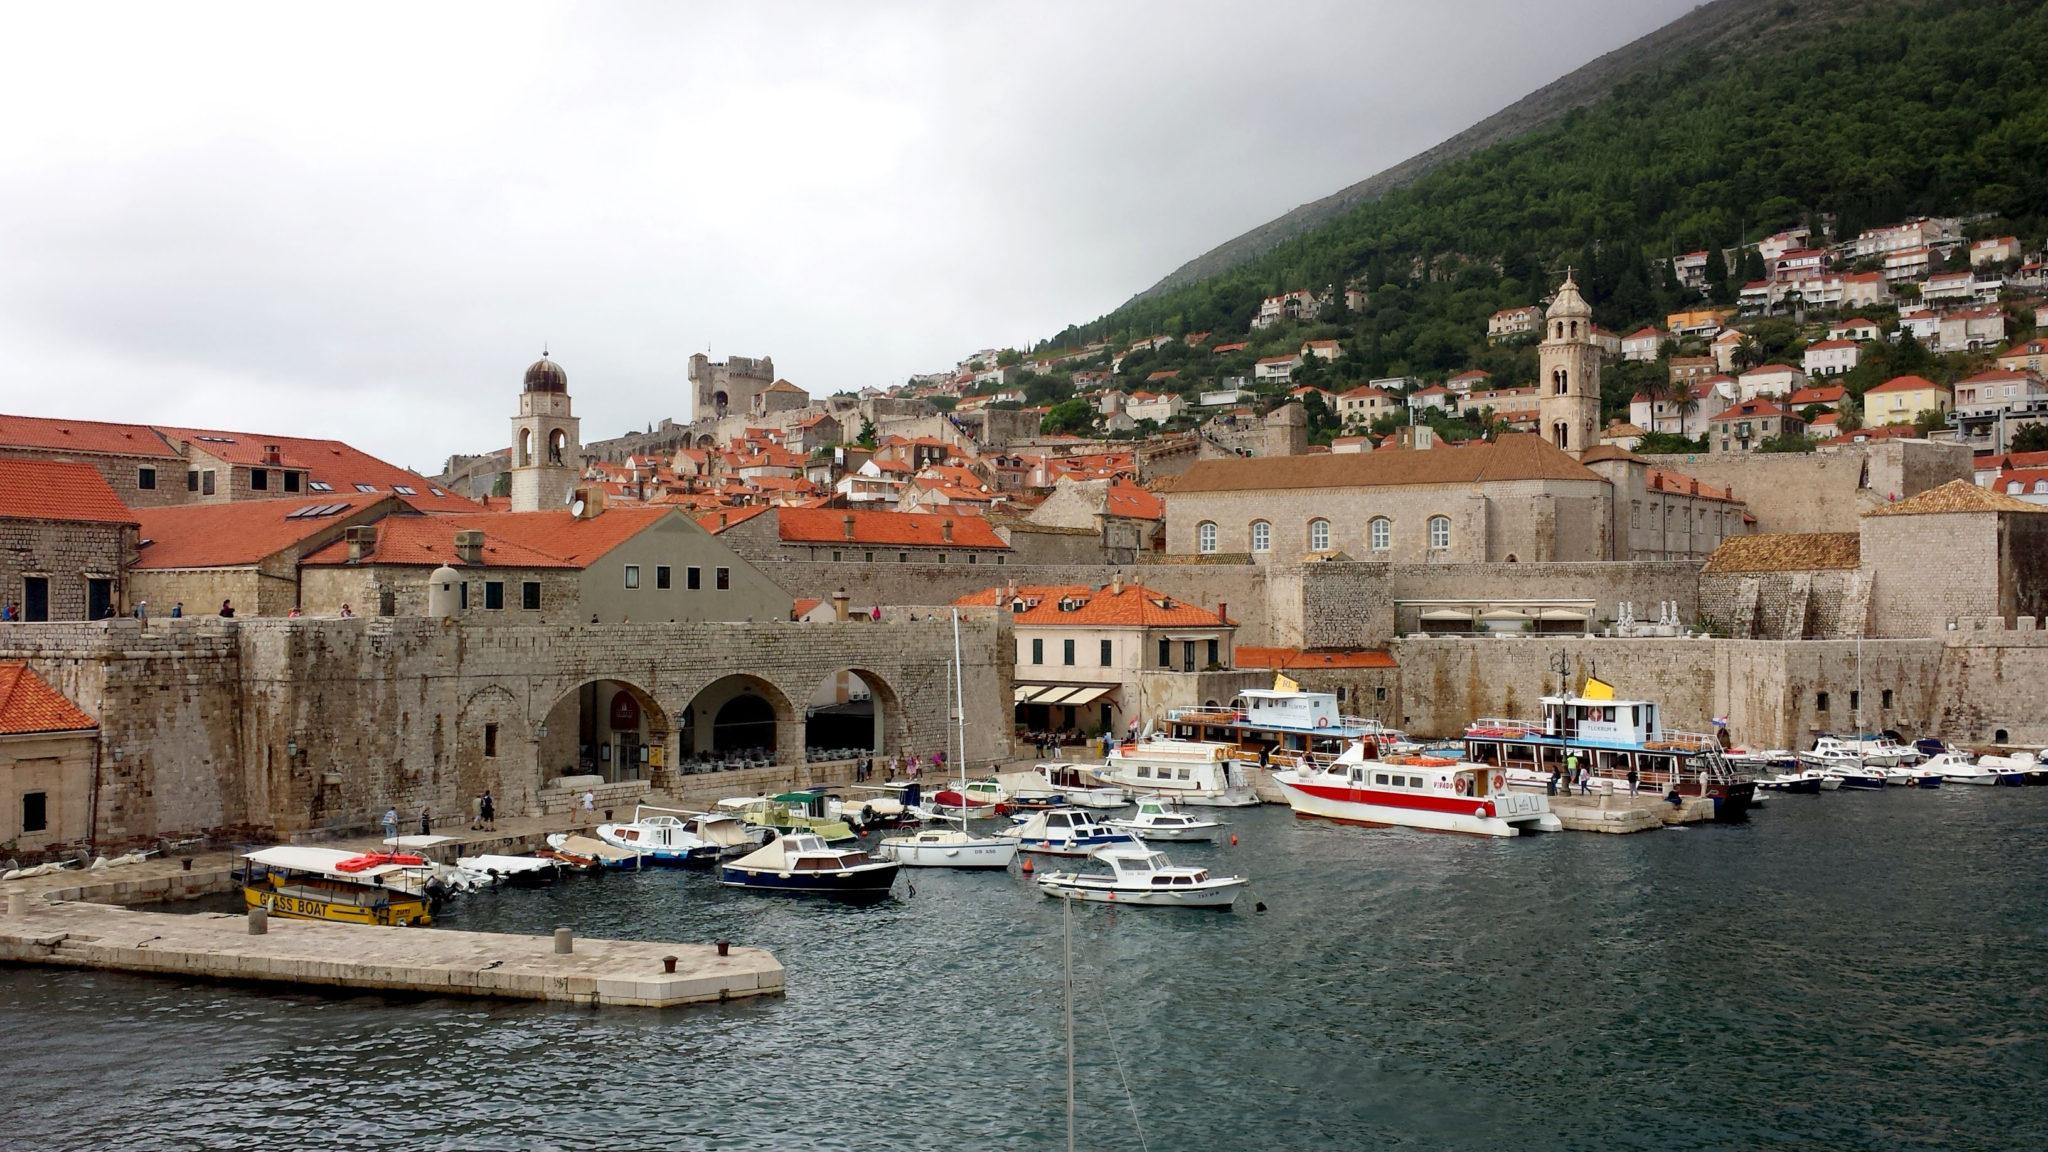 Hema_blog_mode_voyage_croatie_une_journee_a_dubrovnik_port14